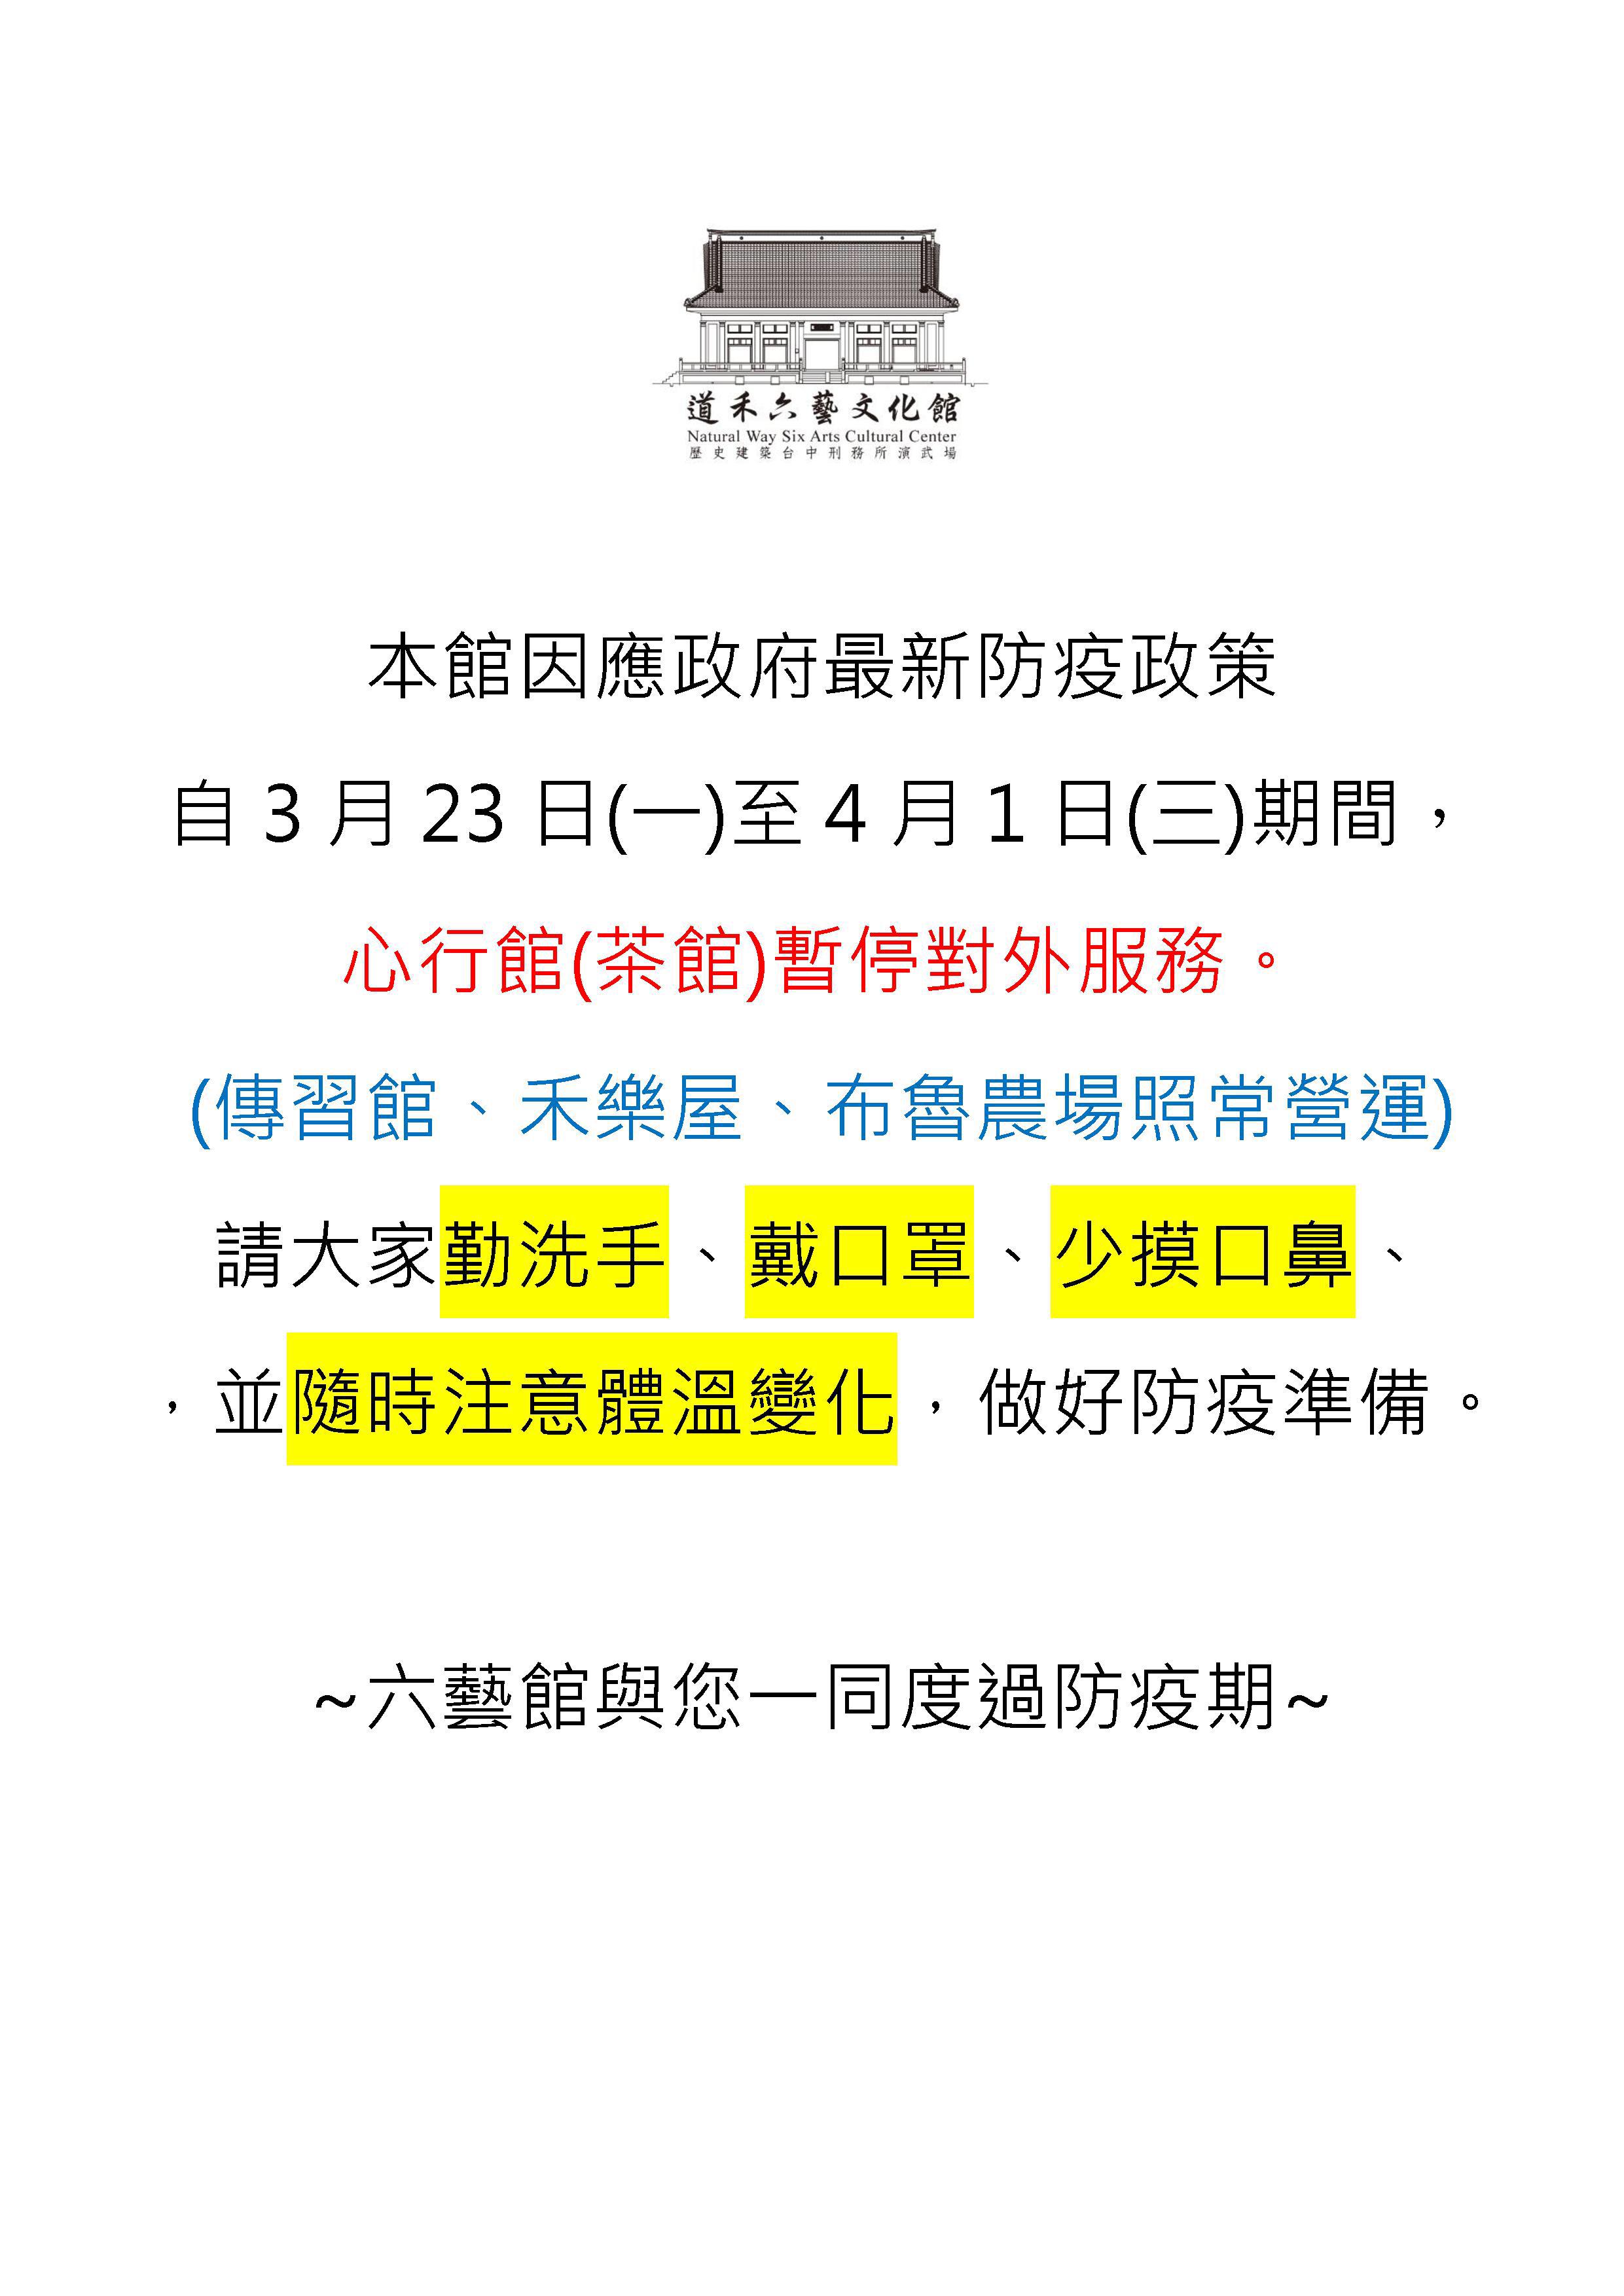 3/23(一)-4/1(三)營業公告